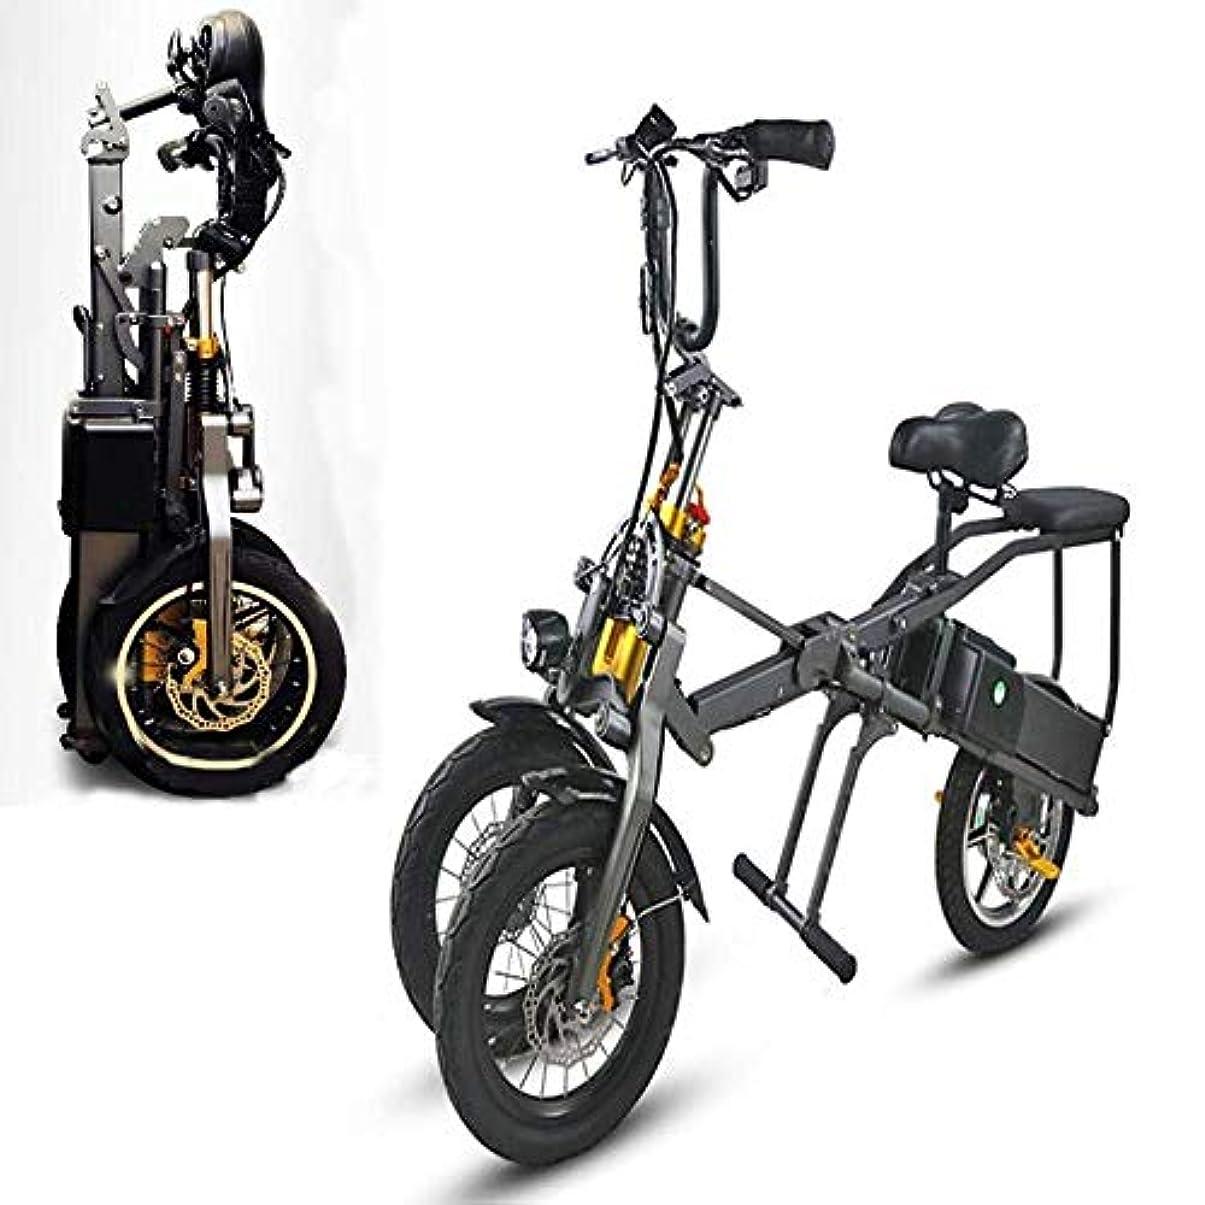 クローンケージチーター折りたたみ式電動乗車三輪自転車/軽量アルミ合金素材/インテリジェントディスプレイ&リチウム電池10.4AH * 2。